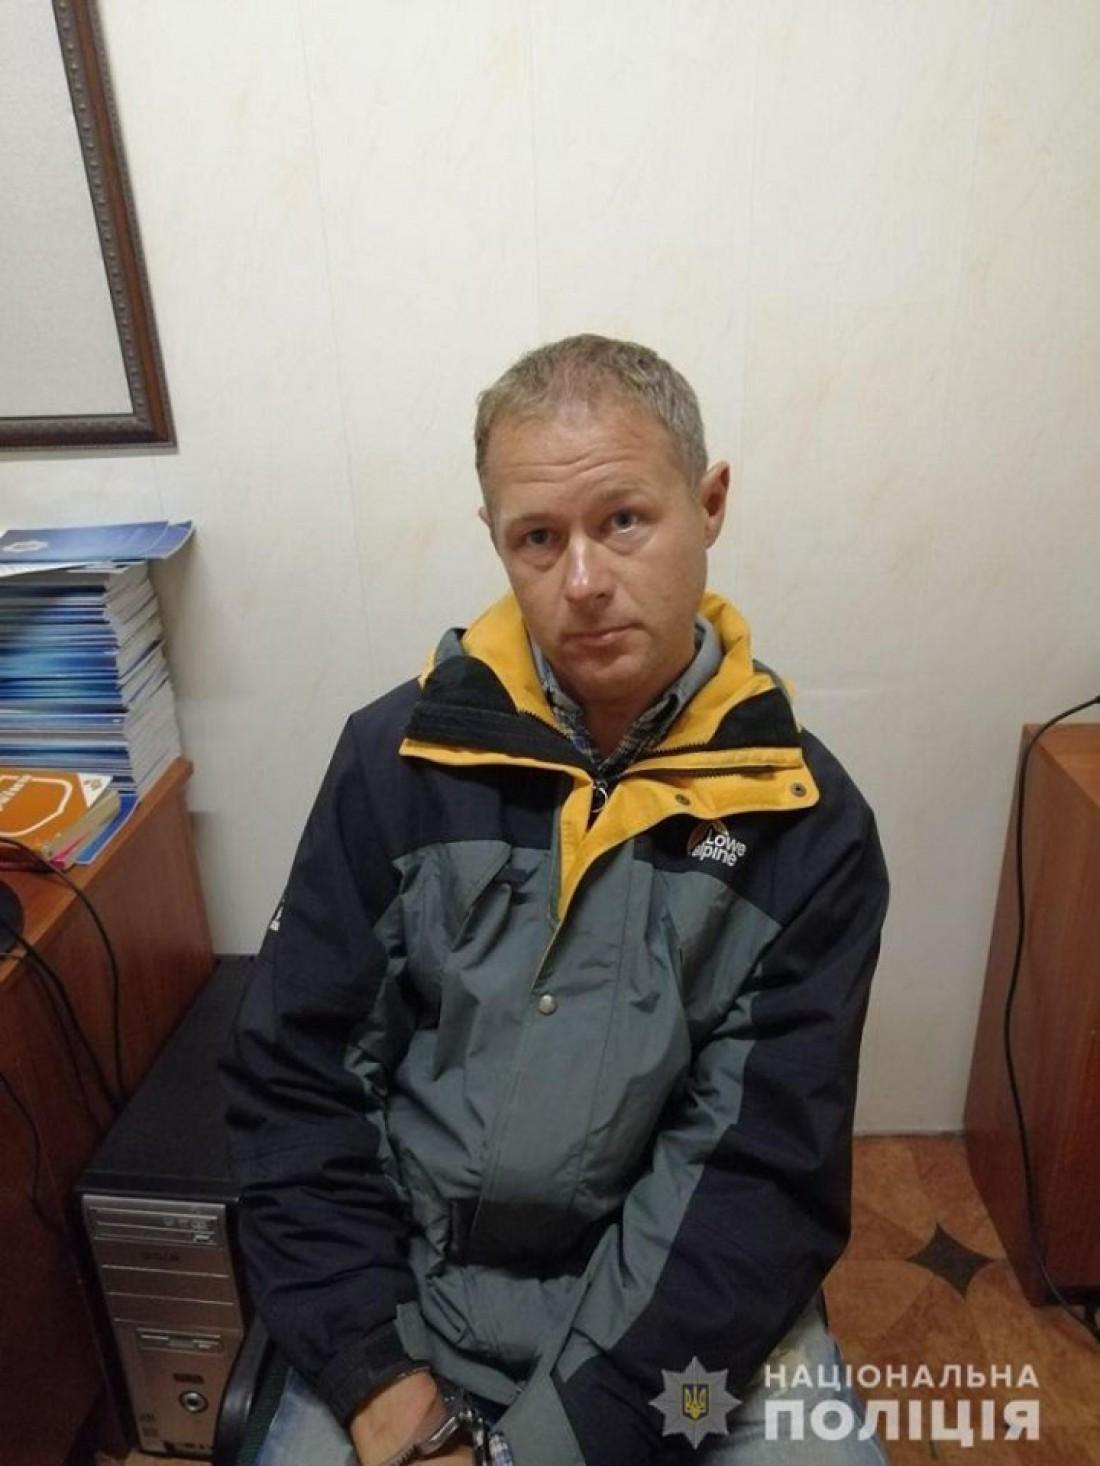 Извращенцу грозит до пяти лет тюрьмы